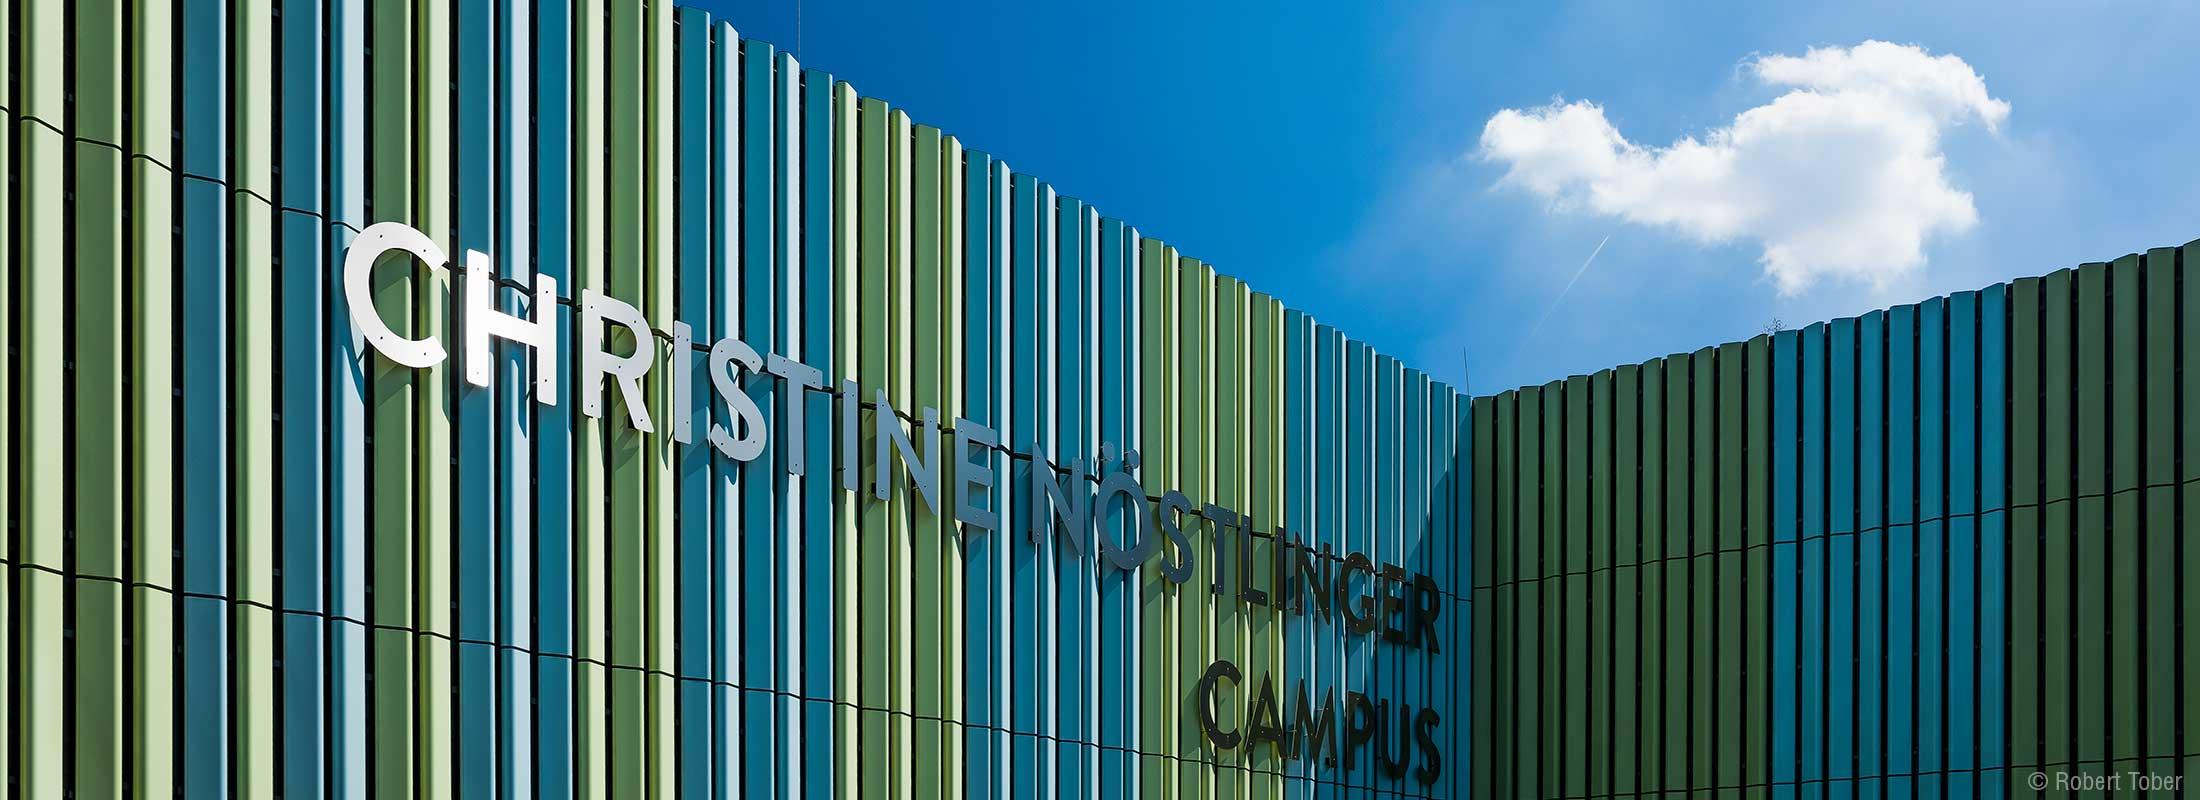 Moderne Fassade aus Alu-Sonderstrangpressprofilen von ICC Fassadentechnik. Christine Nöstlinger Campus Wien. © Robert Tober